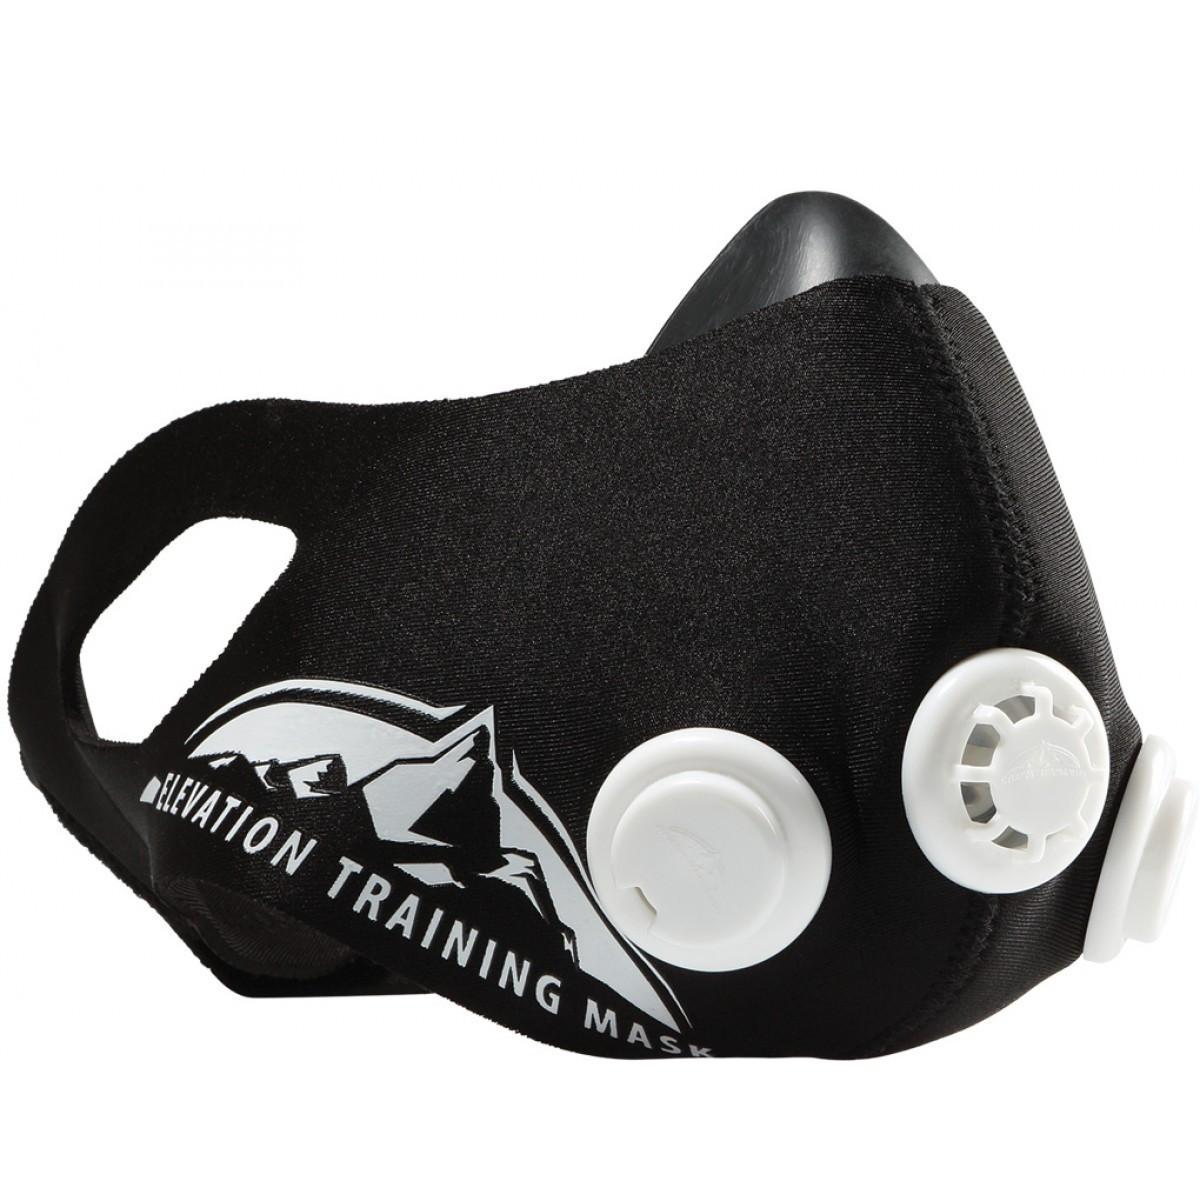 Маска тренировочная (Elevation Training Mask 2.0) -Размер M (Реплика)